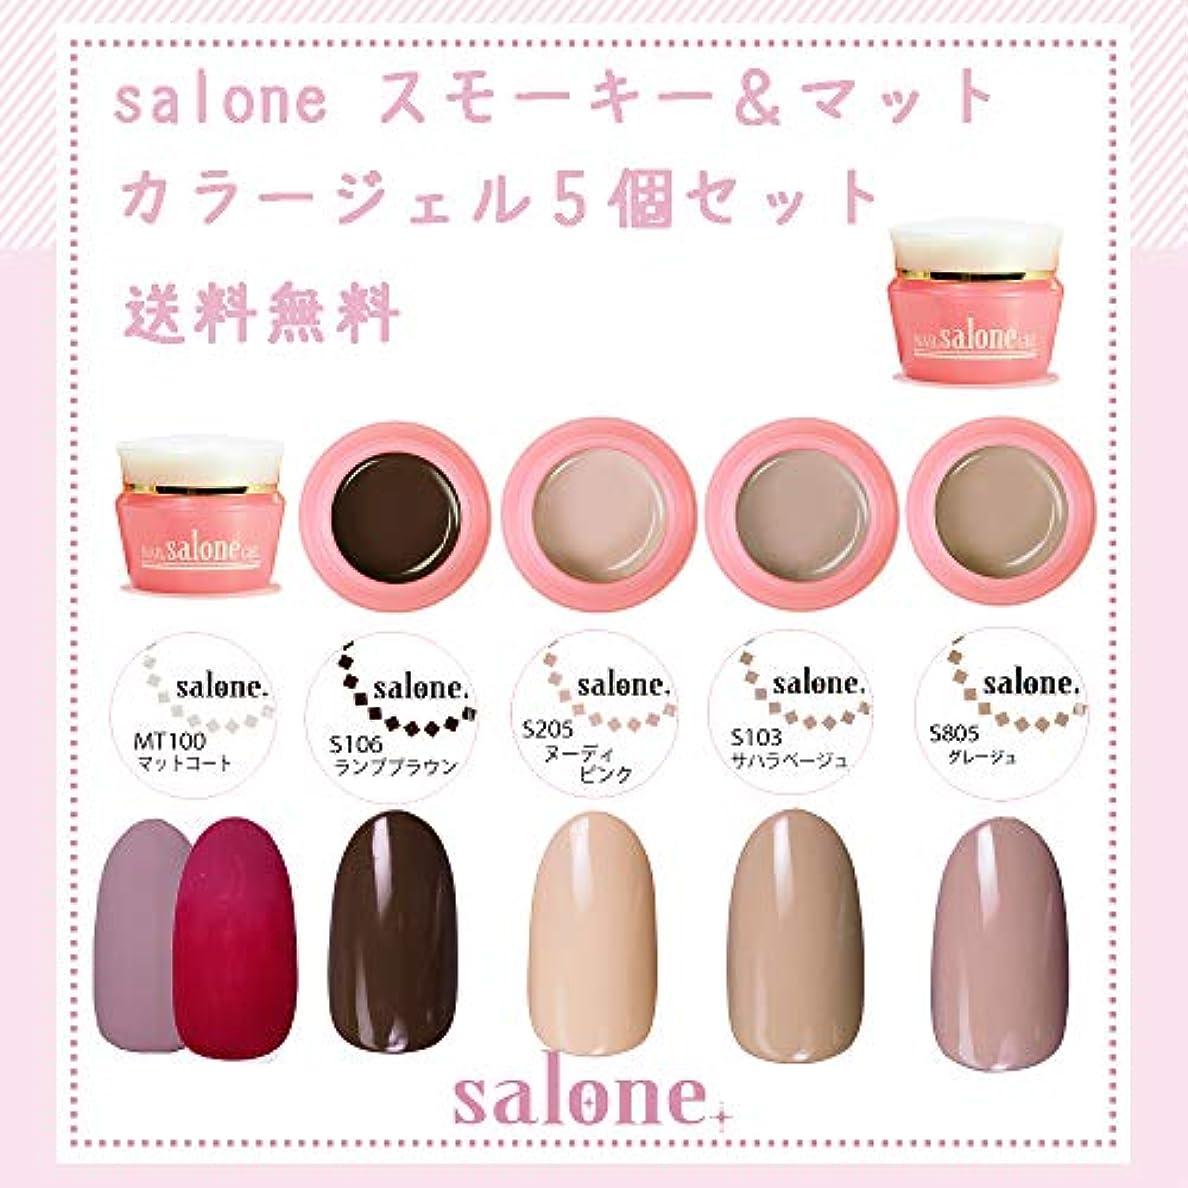 健康的困惑する単調な【送料無料 日本製】Salone スモーキーマットネイル カラージェル5個セット ネイルのマストアイテムのマットトップ